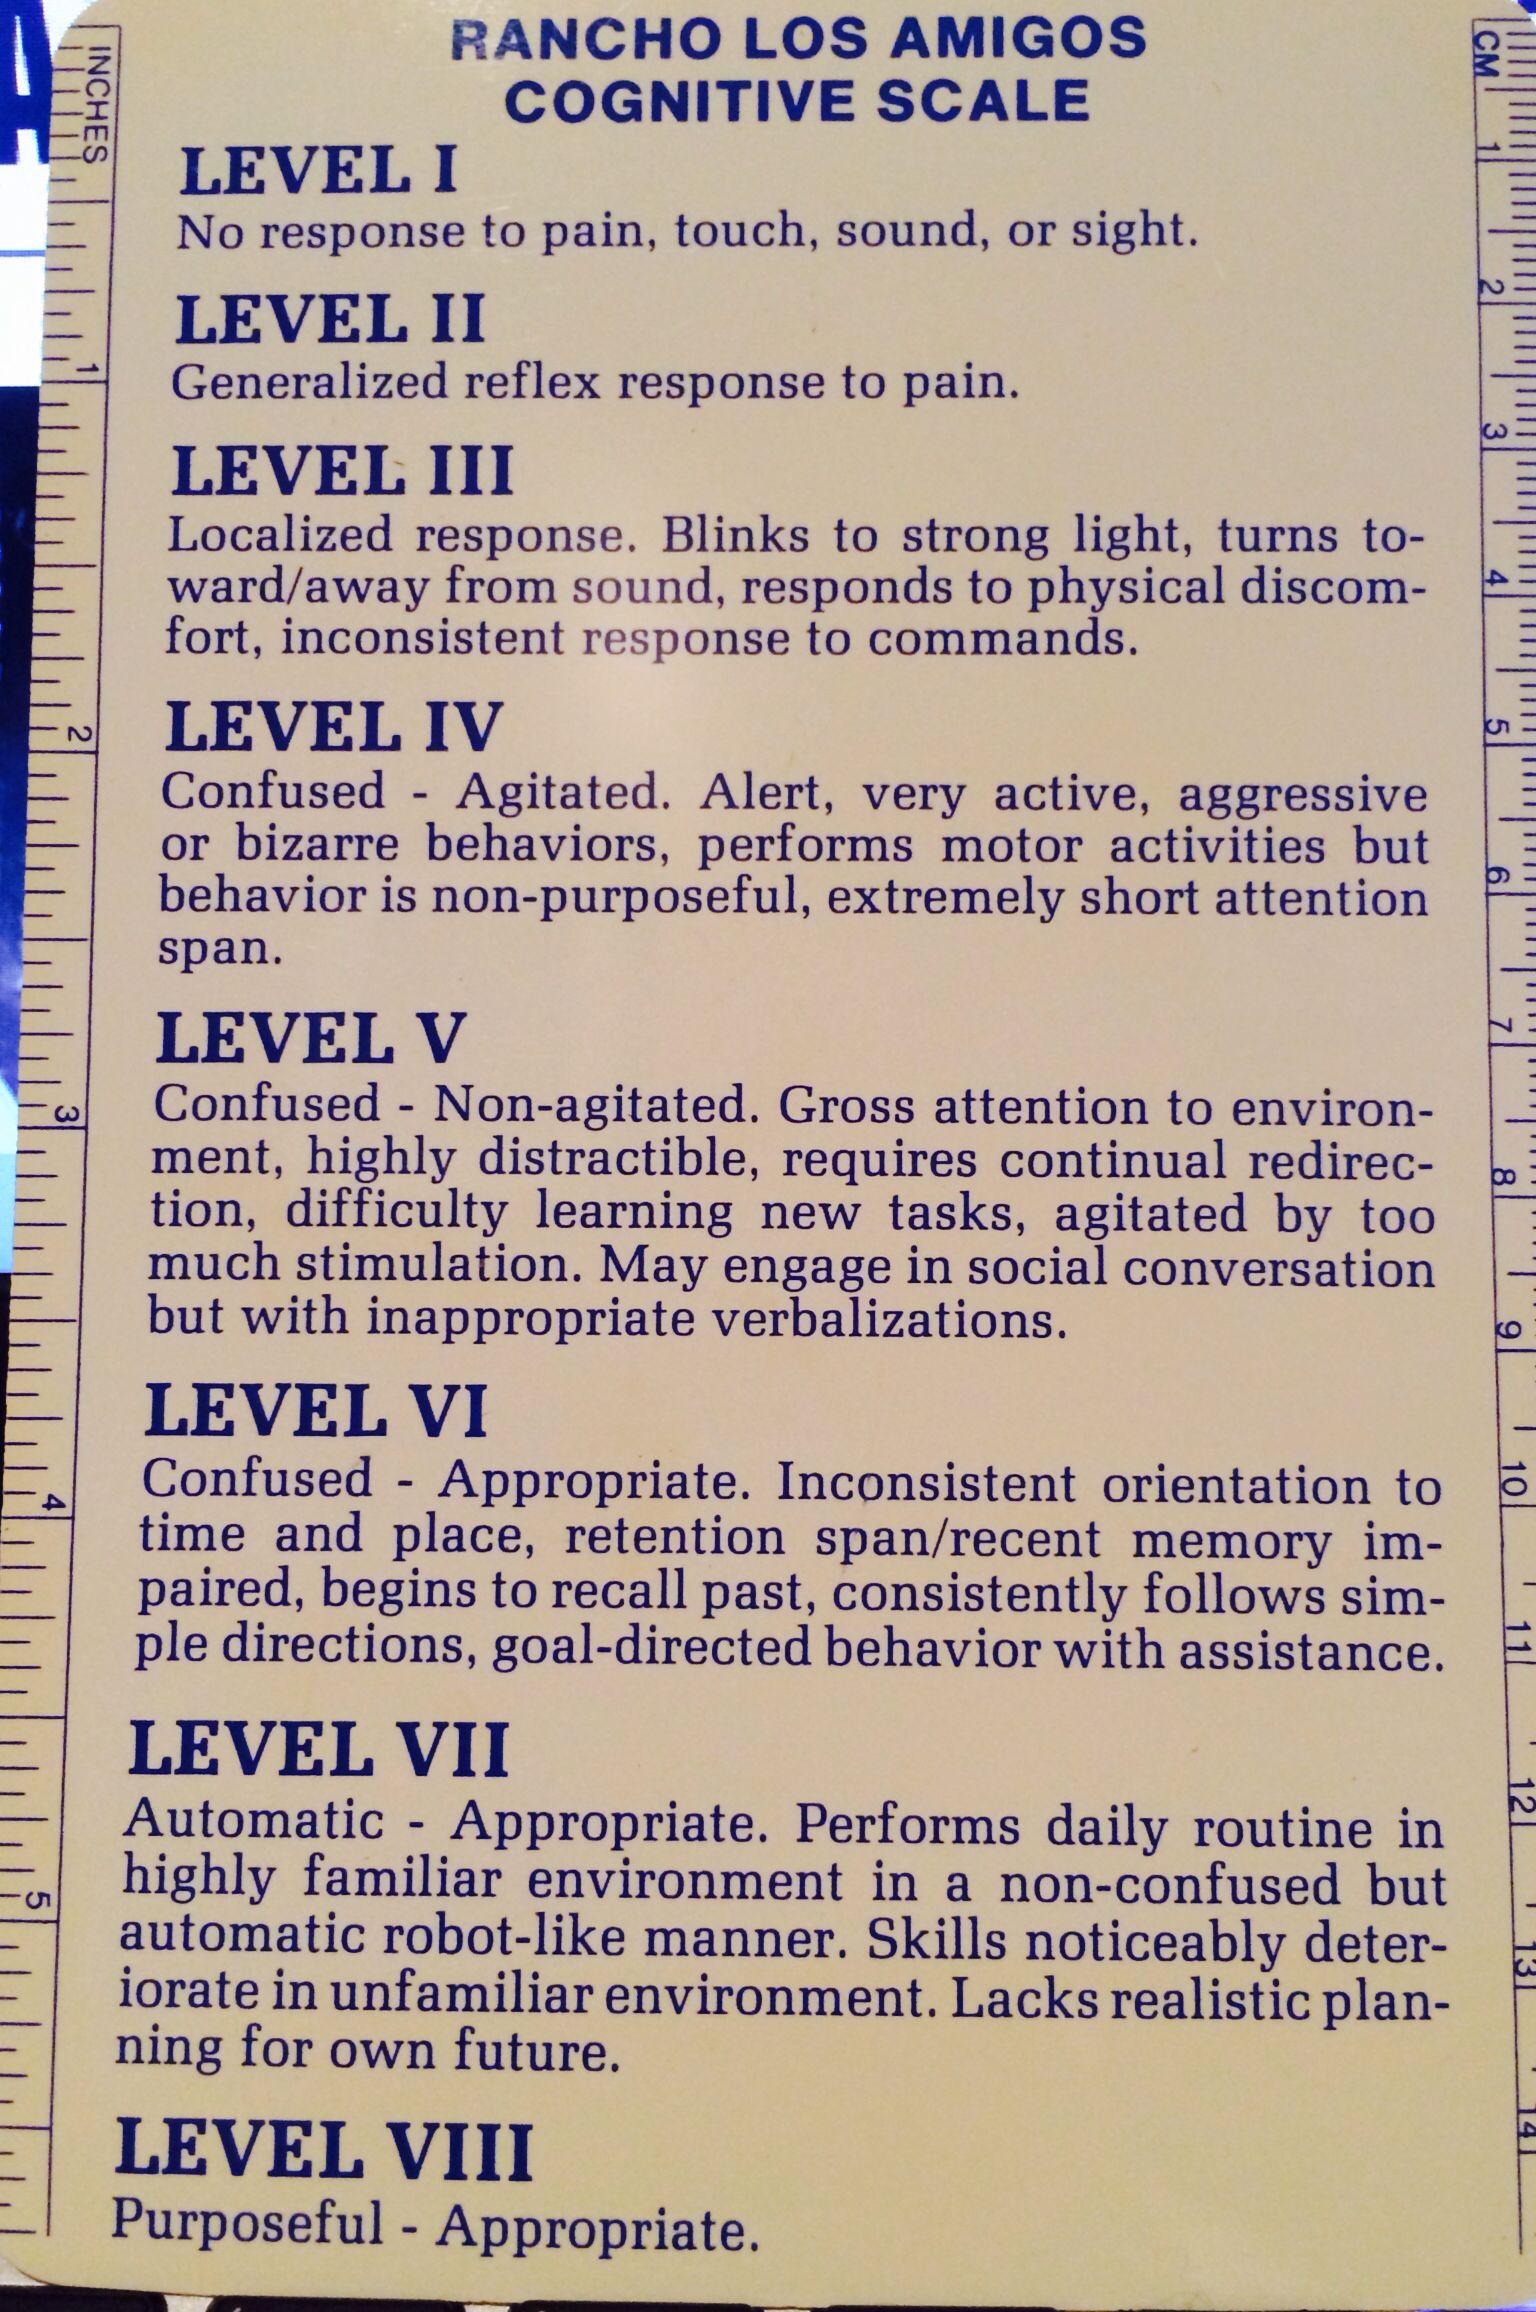 Ranchos Los Amigos Cognitive Scale Levels 1 8